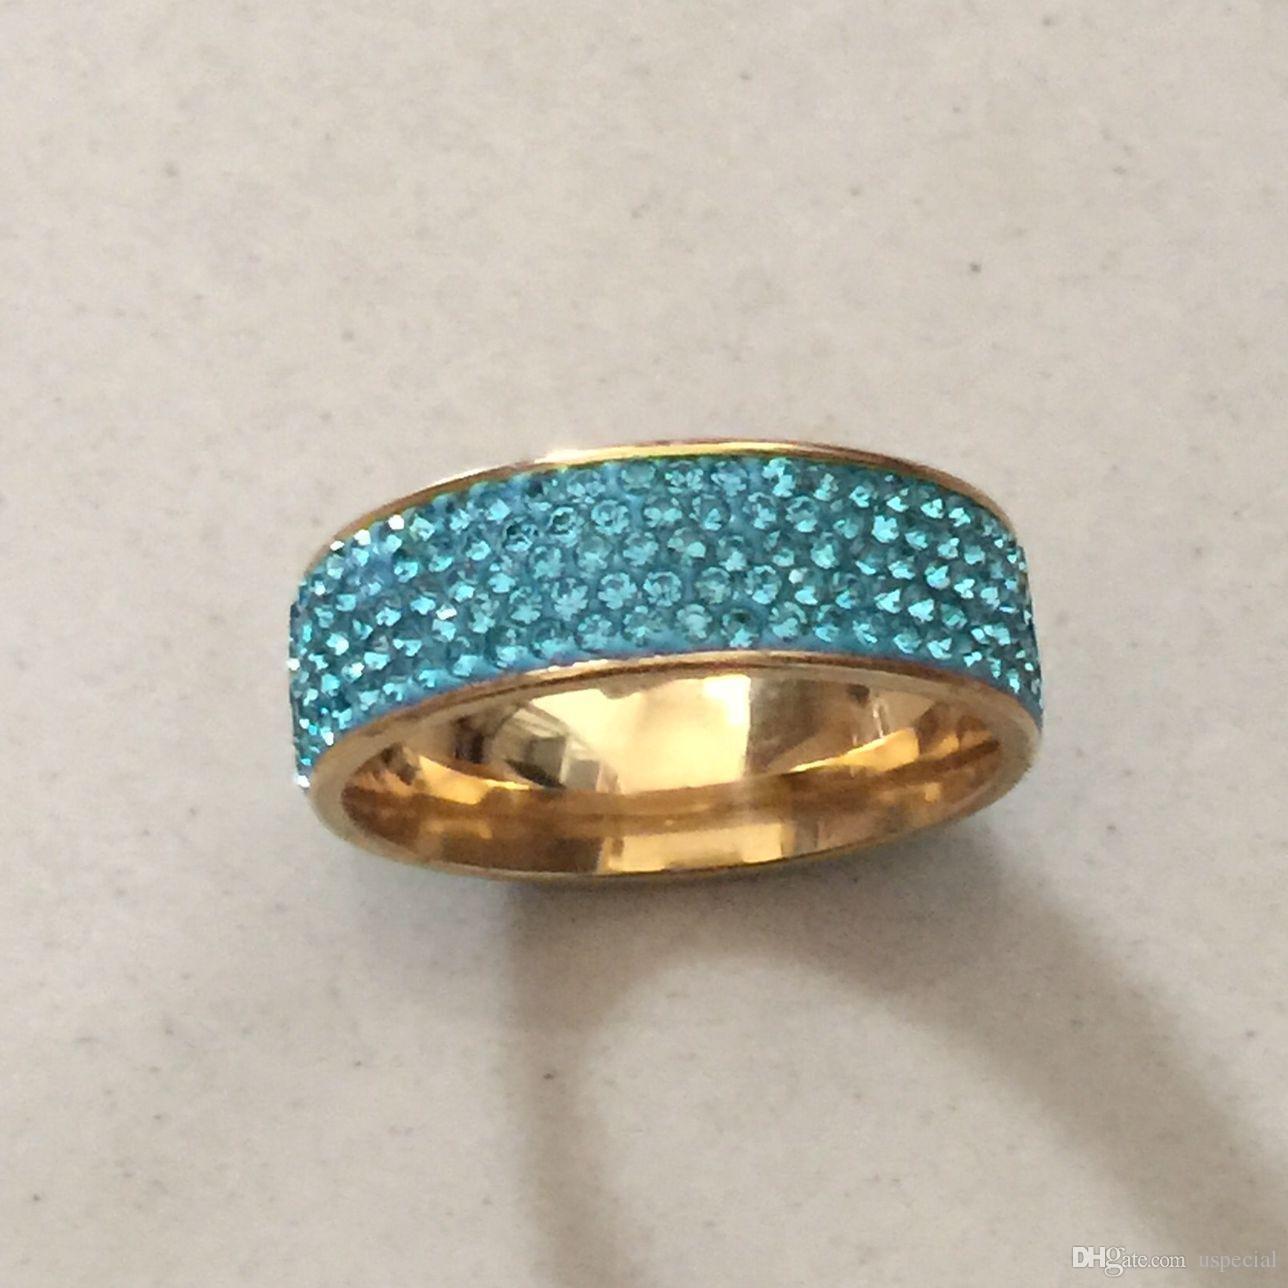 Поп высокое USpecial USpecial полных 5 строк синий кристалл алмаза ювелирные изделия Оптовая продажа из нержавеющей стали золото заполненные обручальные кольца для женщин девушки